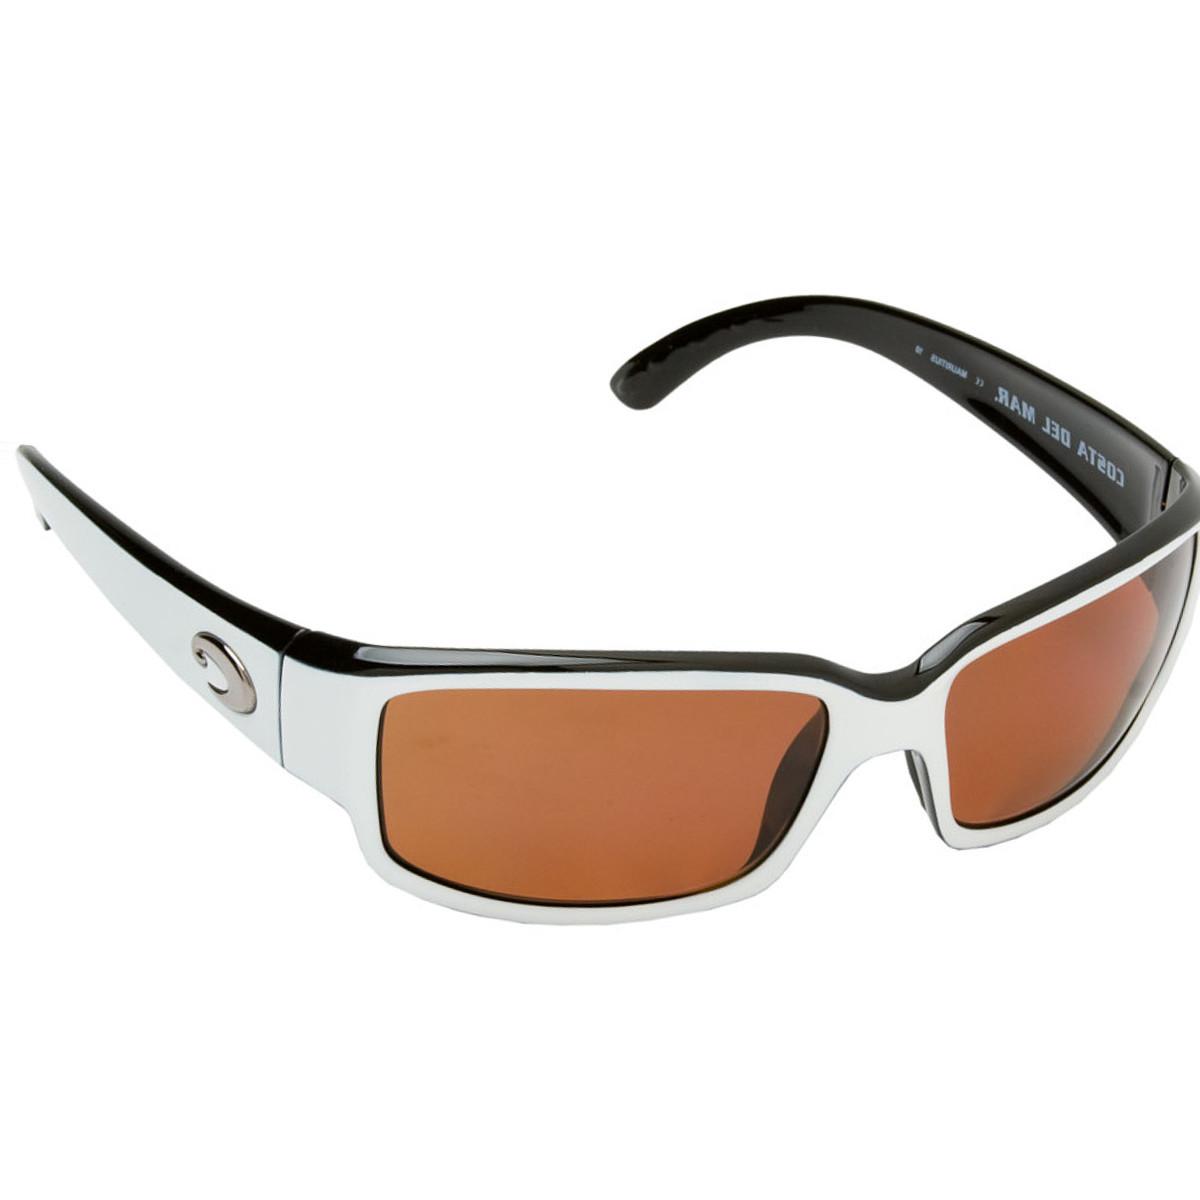 Costa Caballito 580P Polarized Sunglasses - Women's